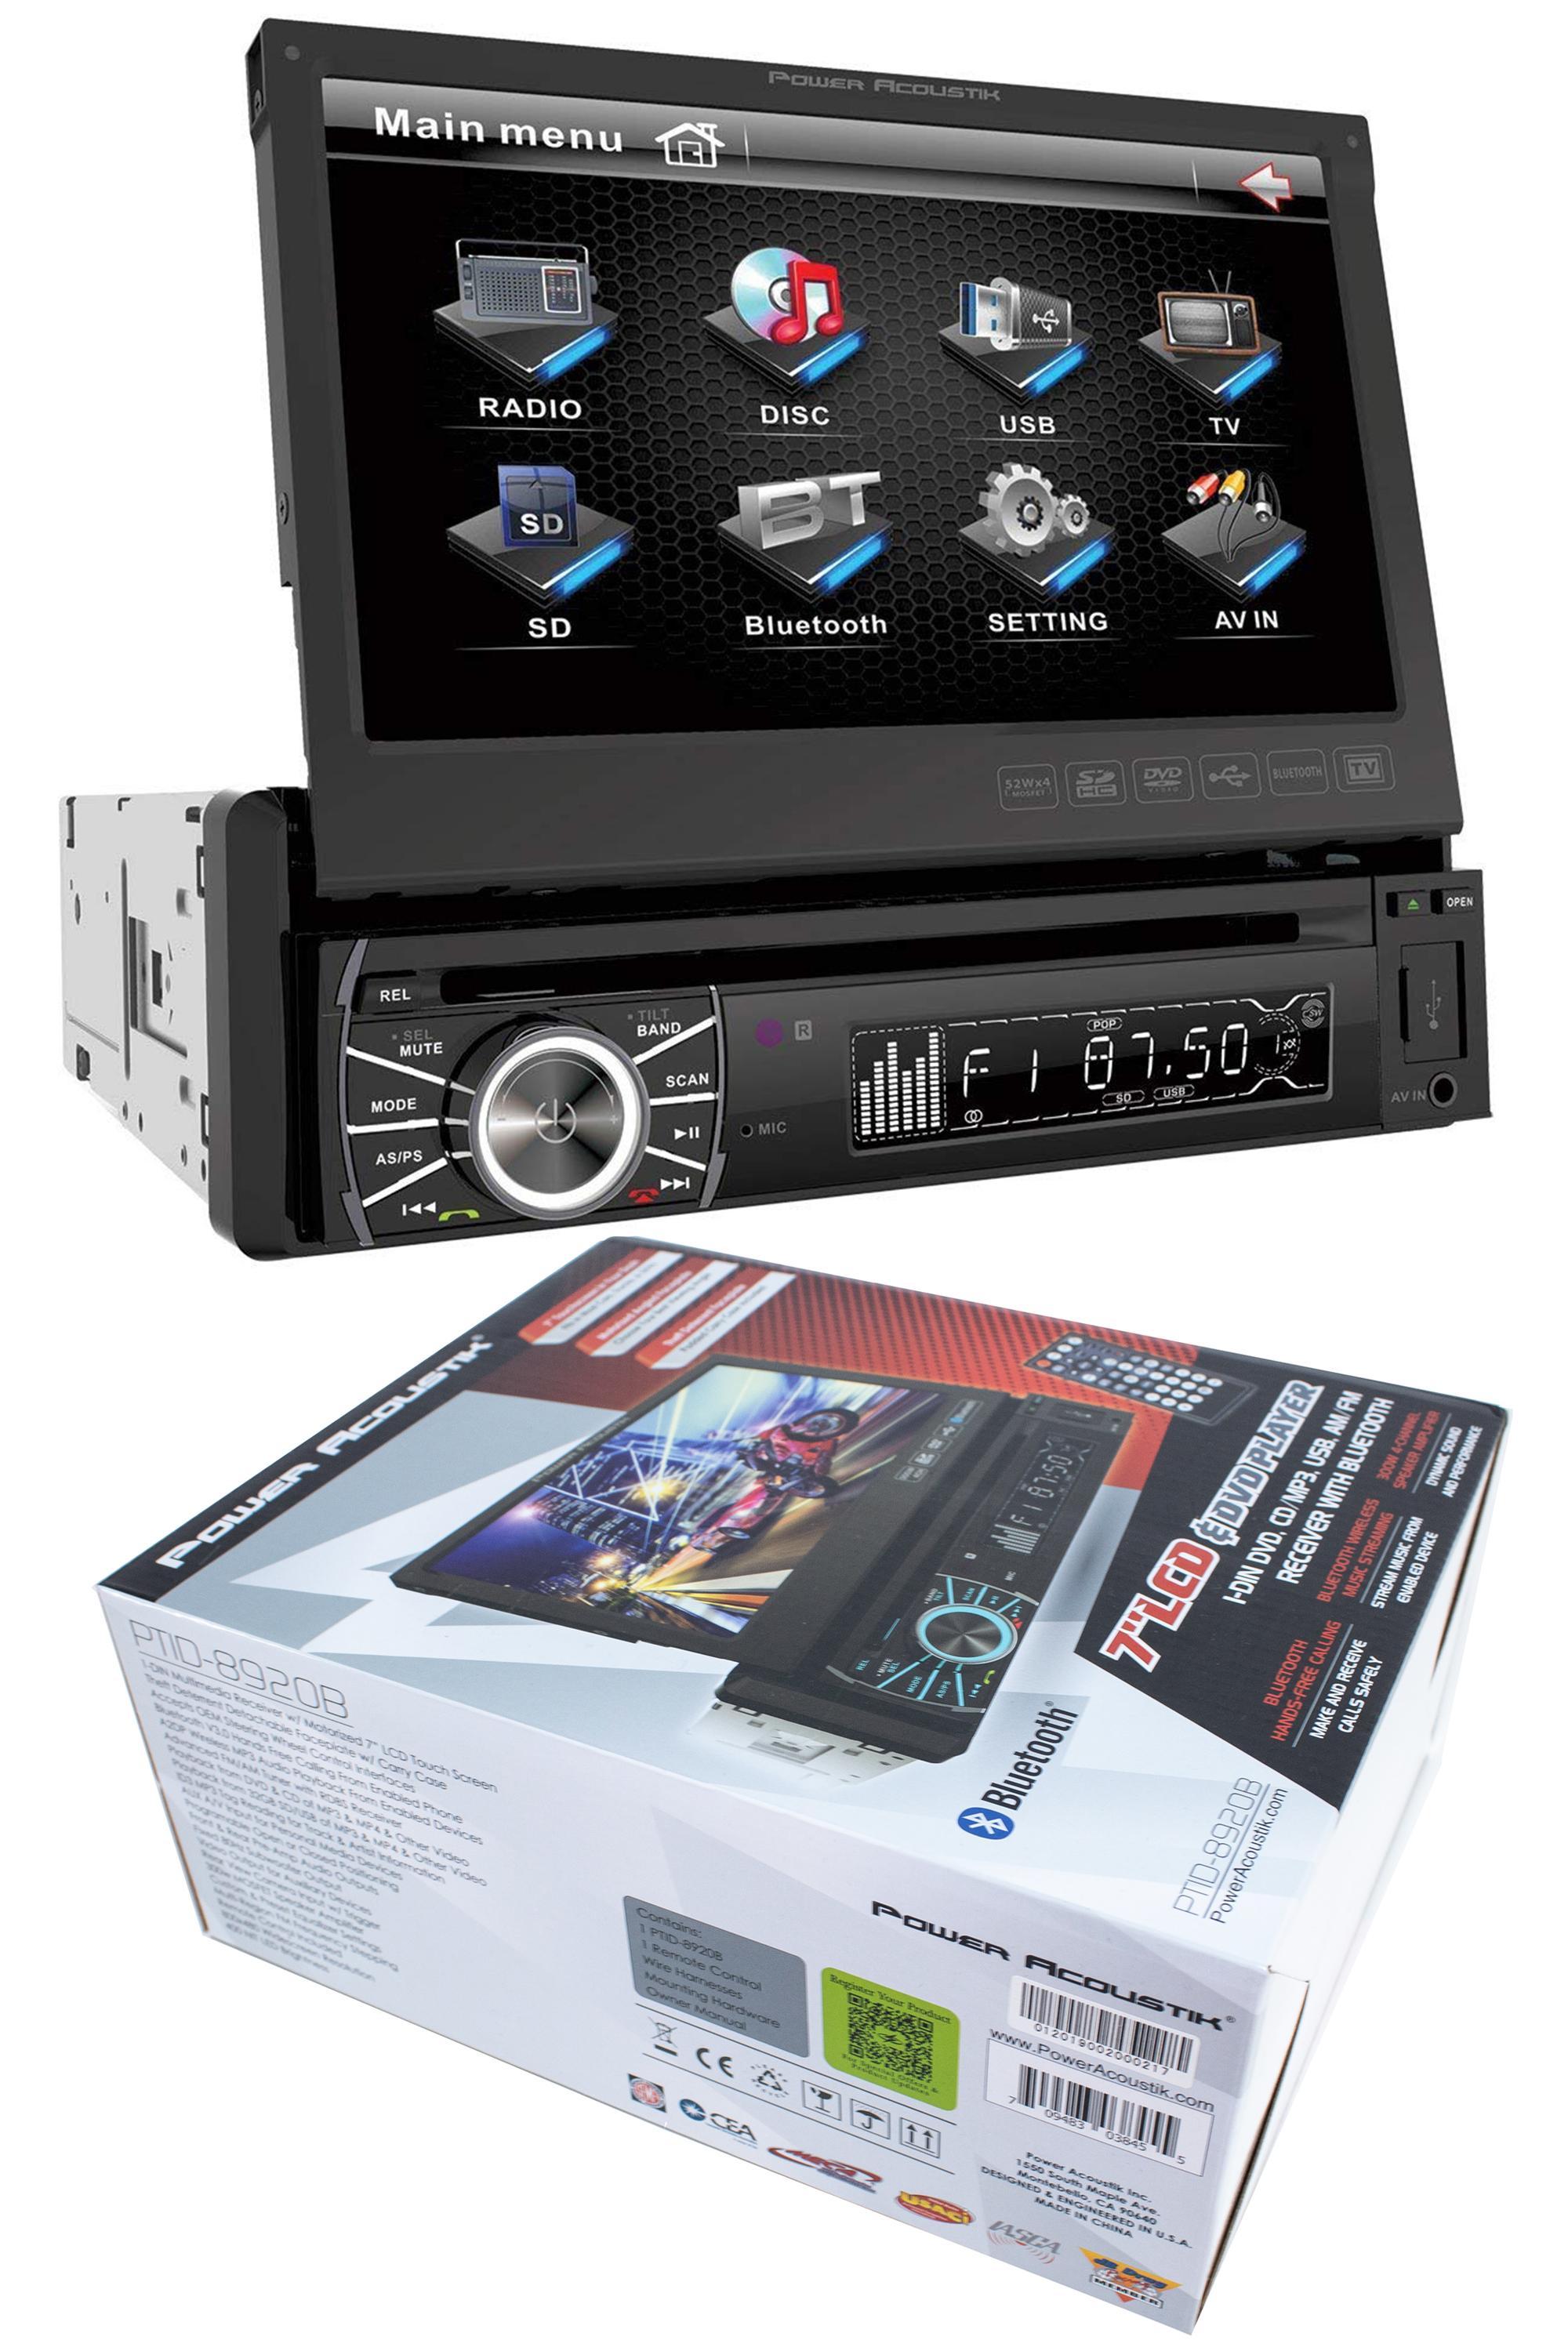 U-Reach uPRO 1:9 Multimedia 4 in 1 USB//CD//DVD Duplicator P709